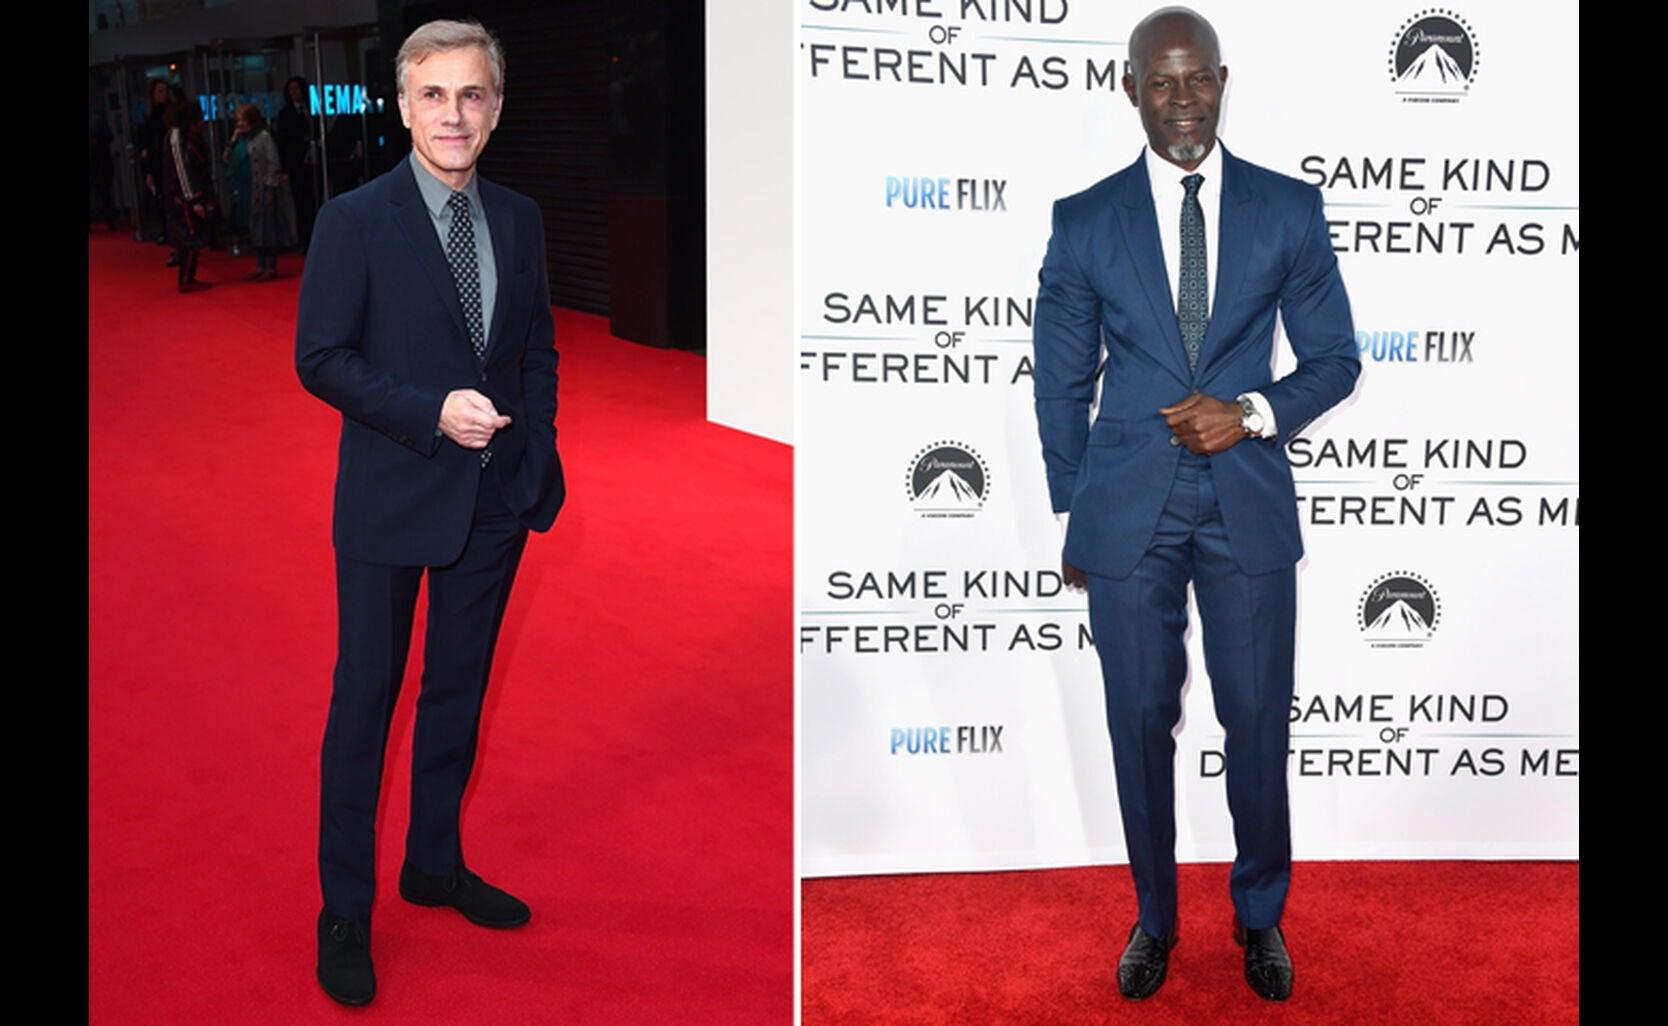 Christoph Waltz and Djimon Hounsou